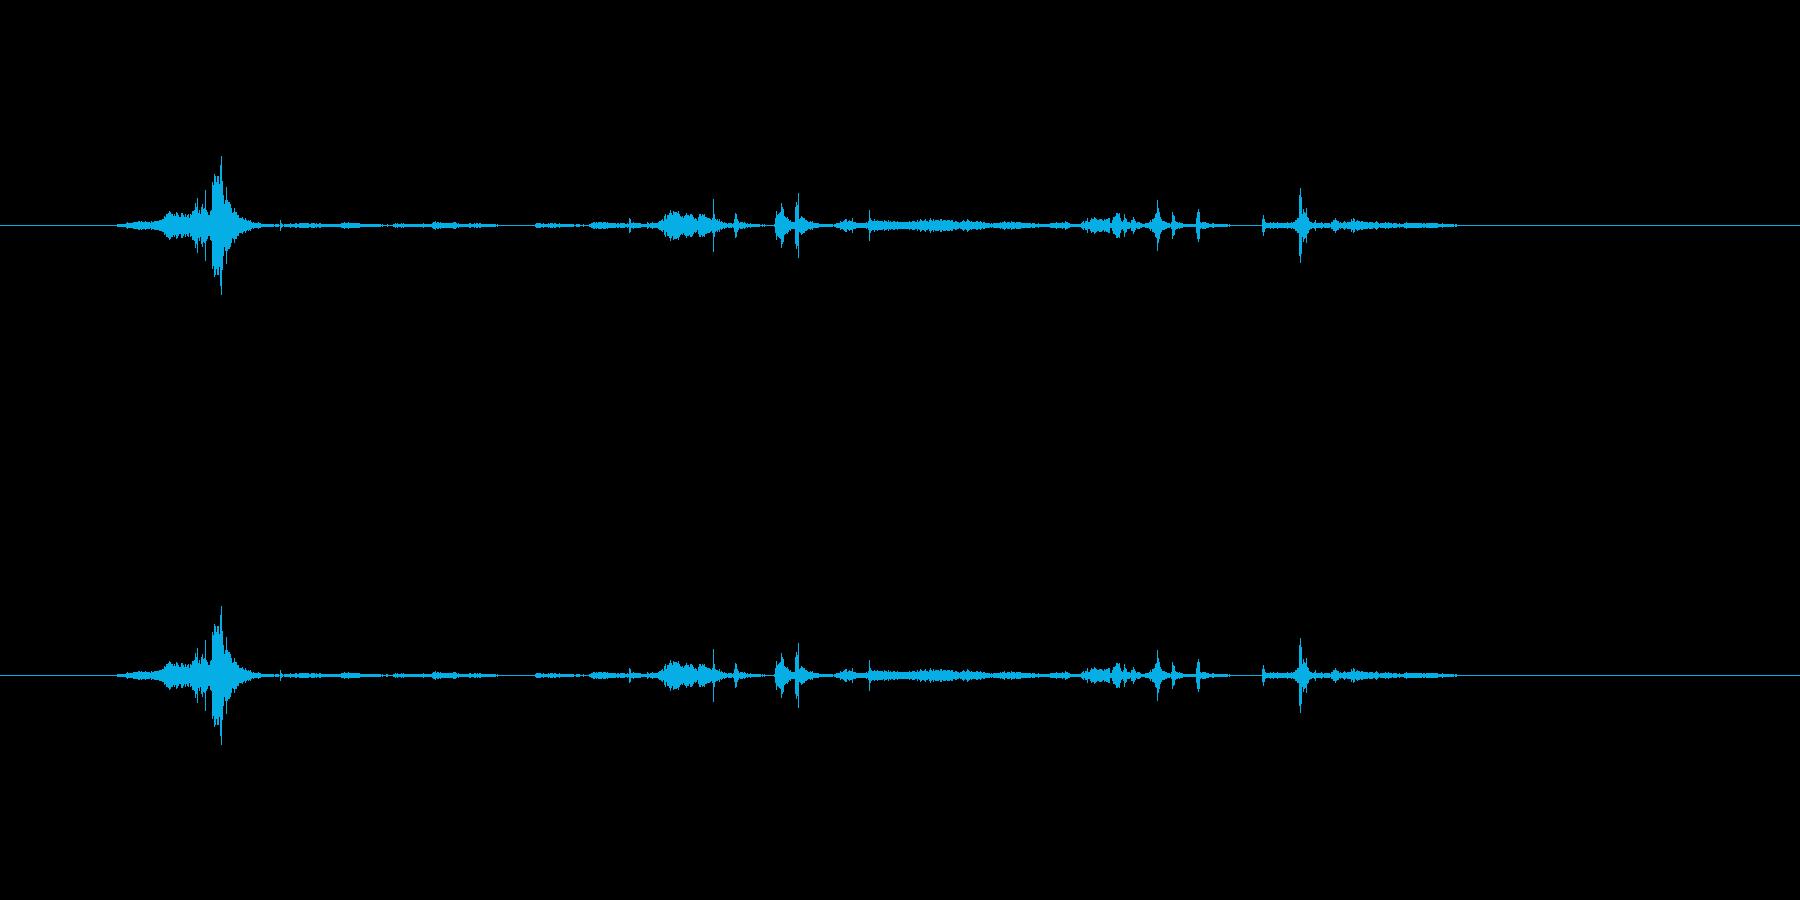 紙をはさみで切る音の再生済みの波形